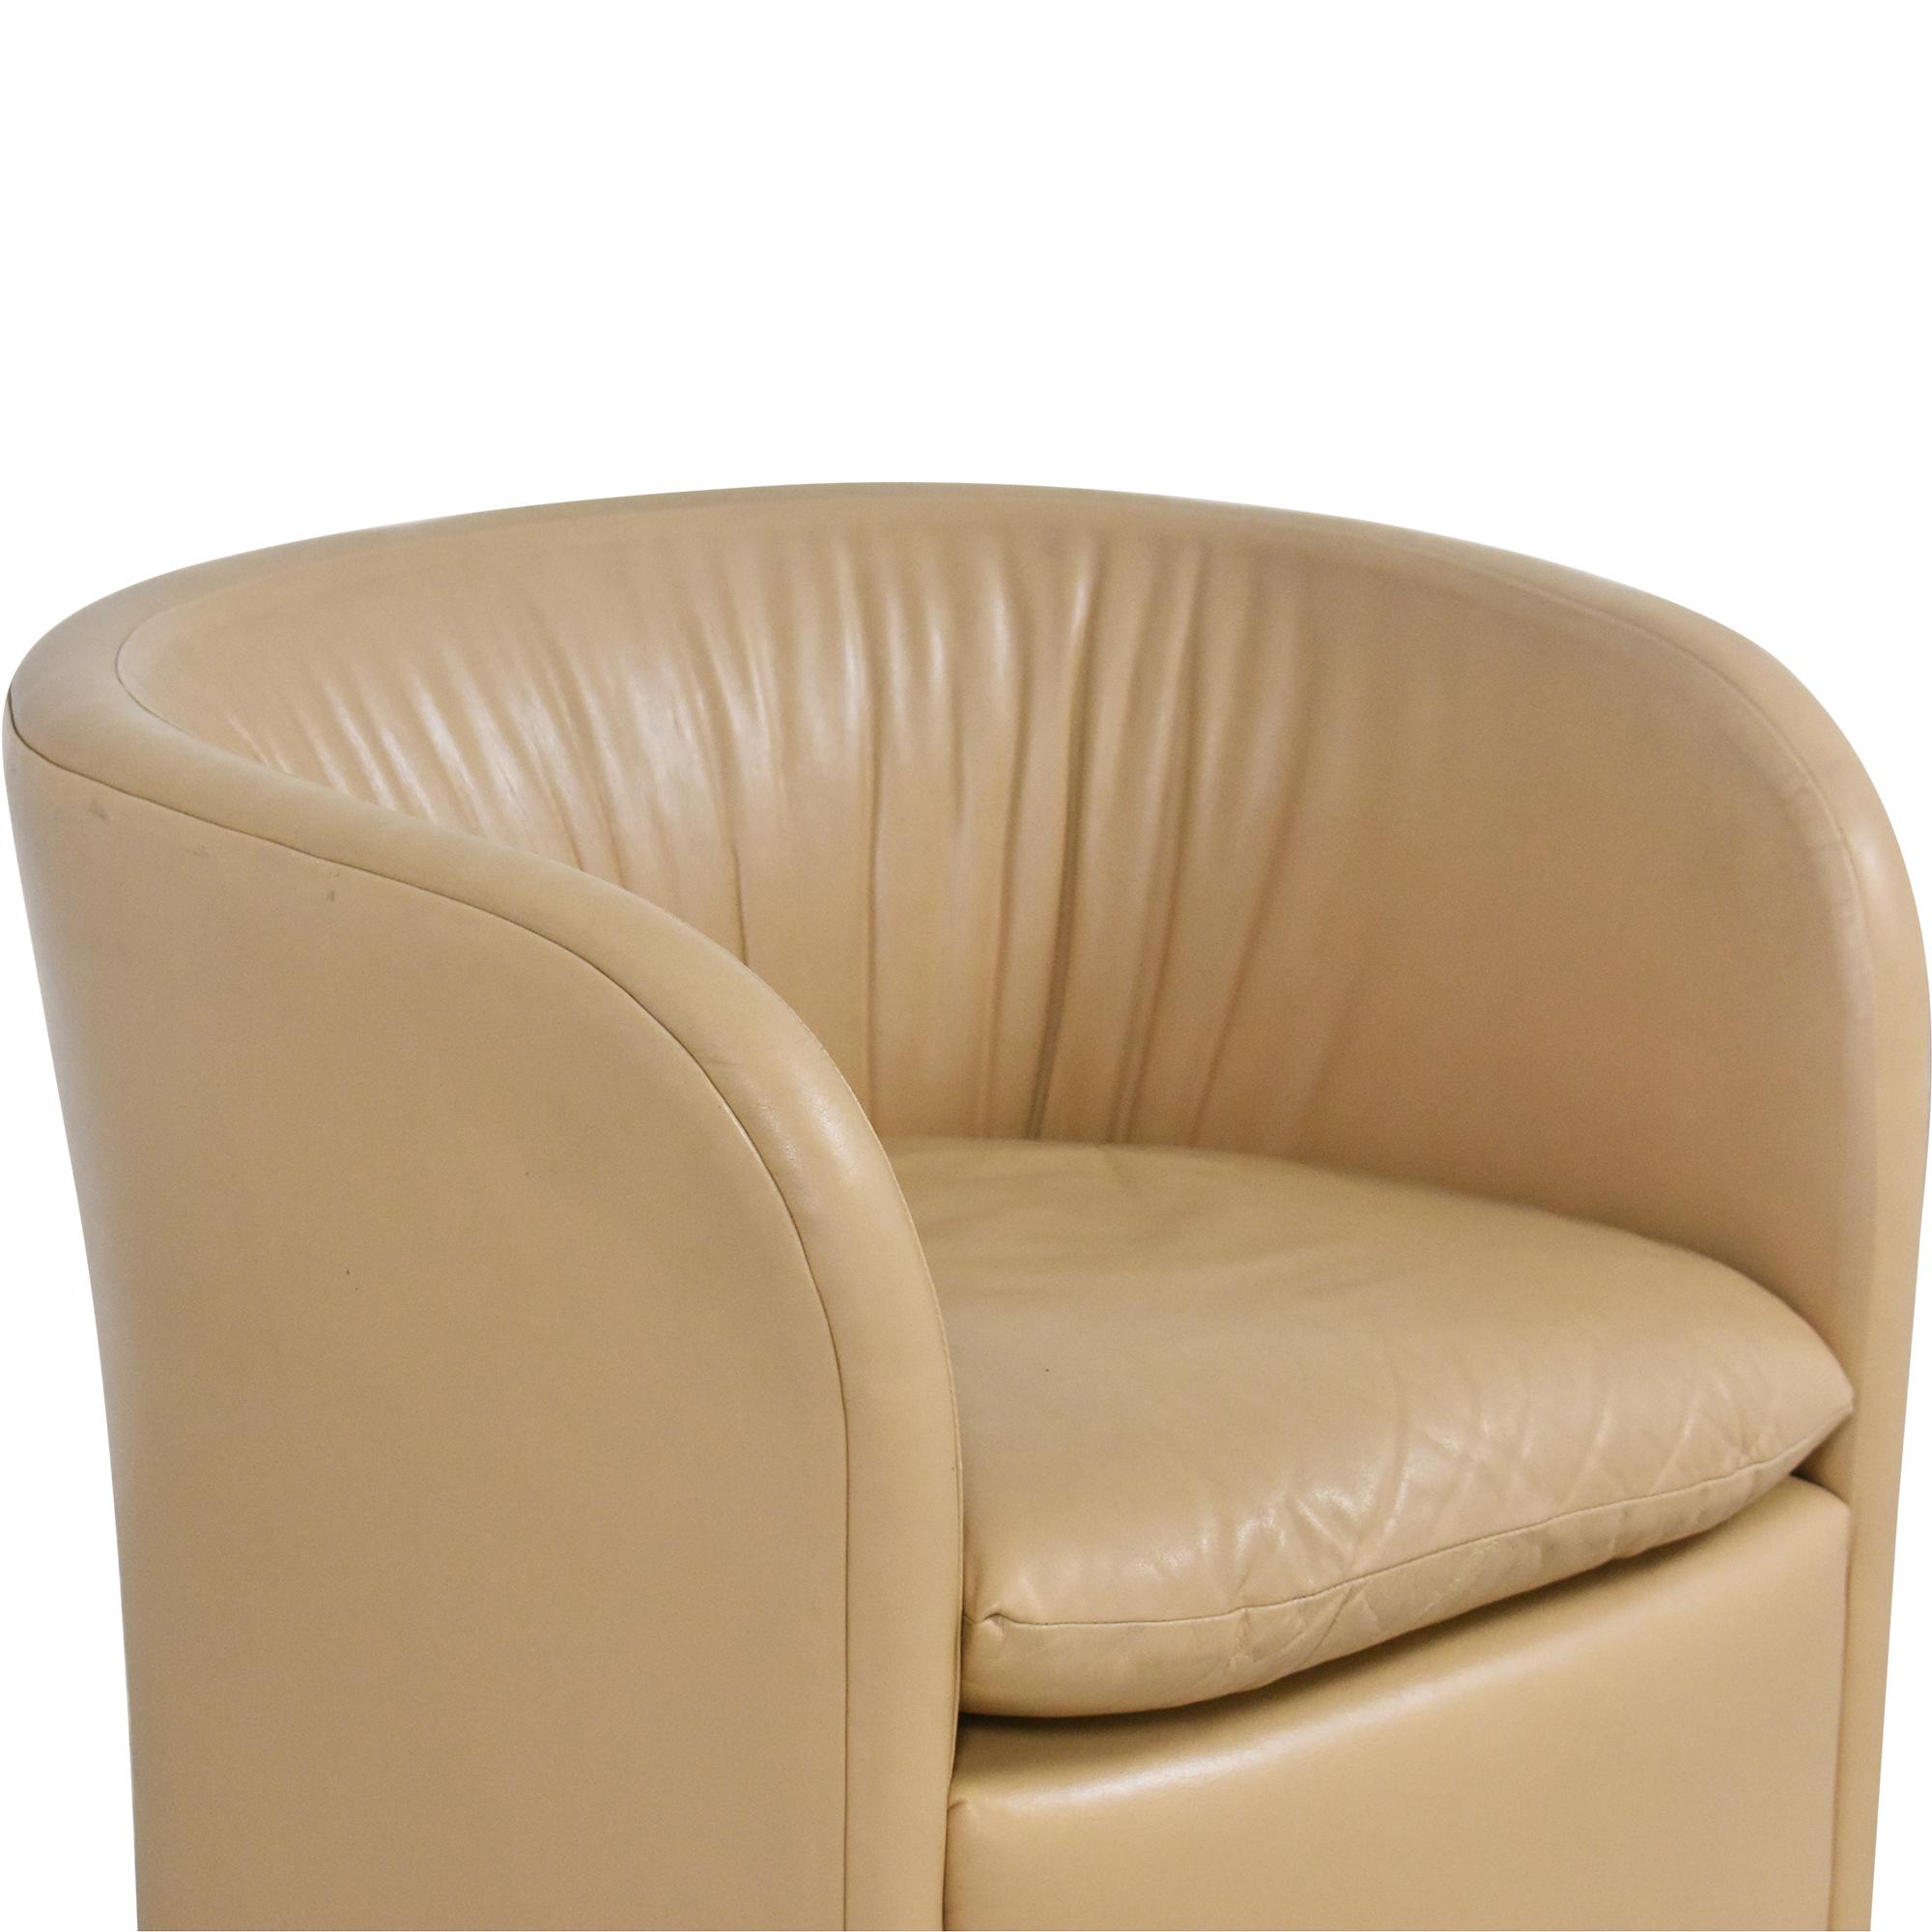 shop David Edward by John Saladino Barrel Chair David Edward Chairs